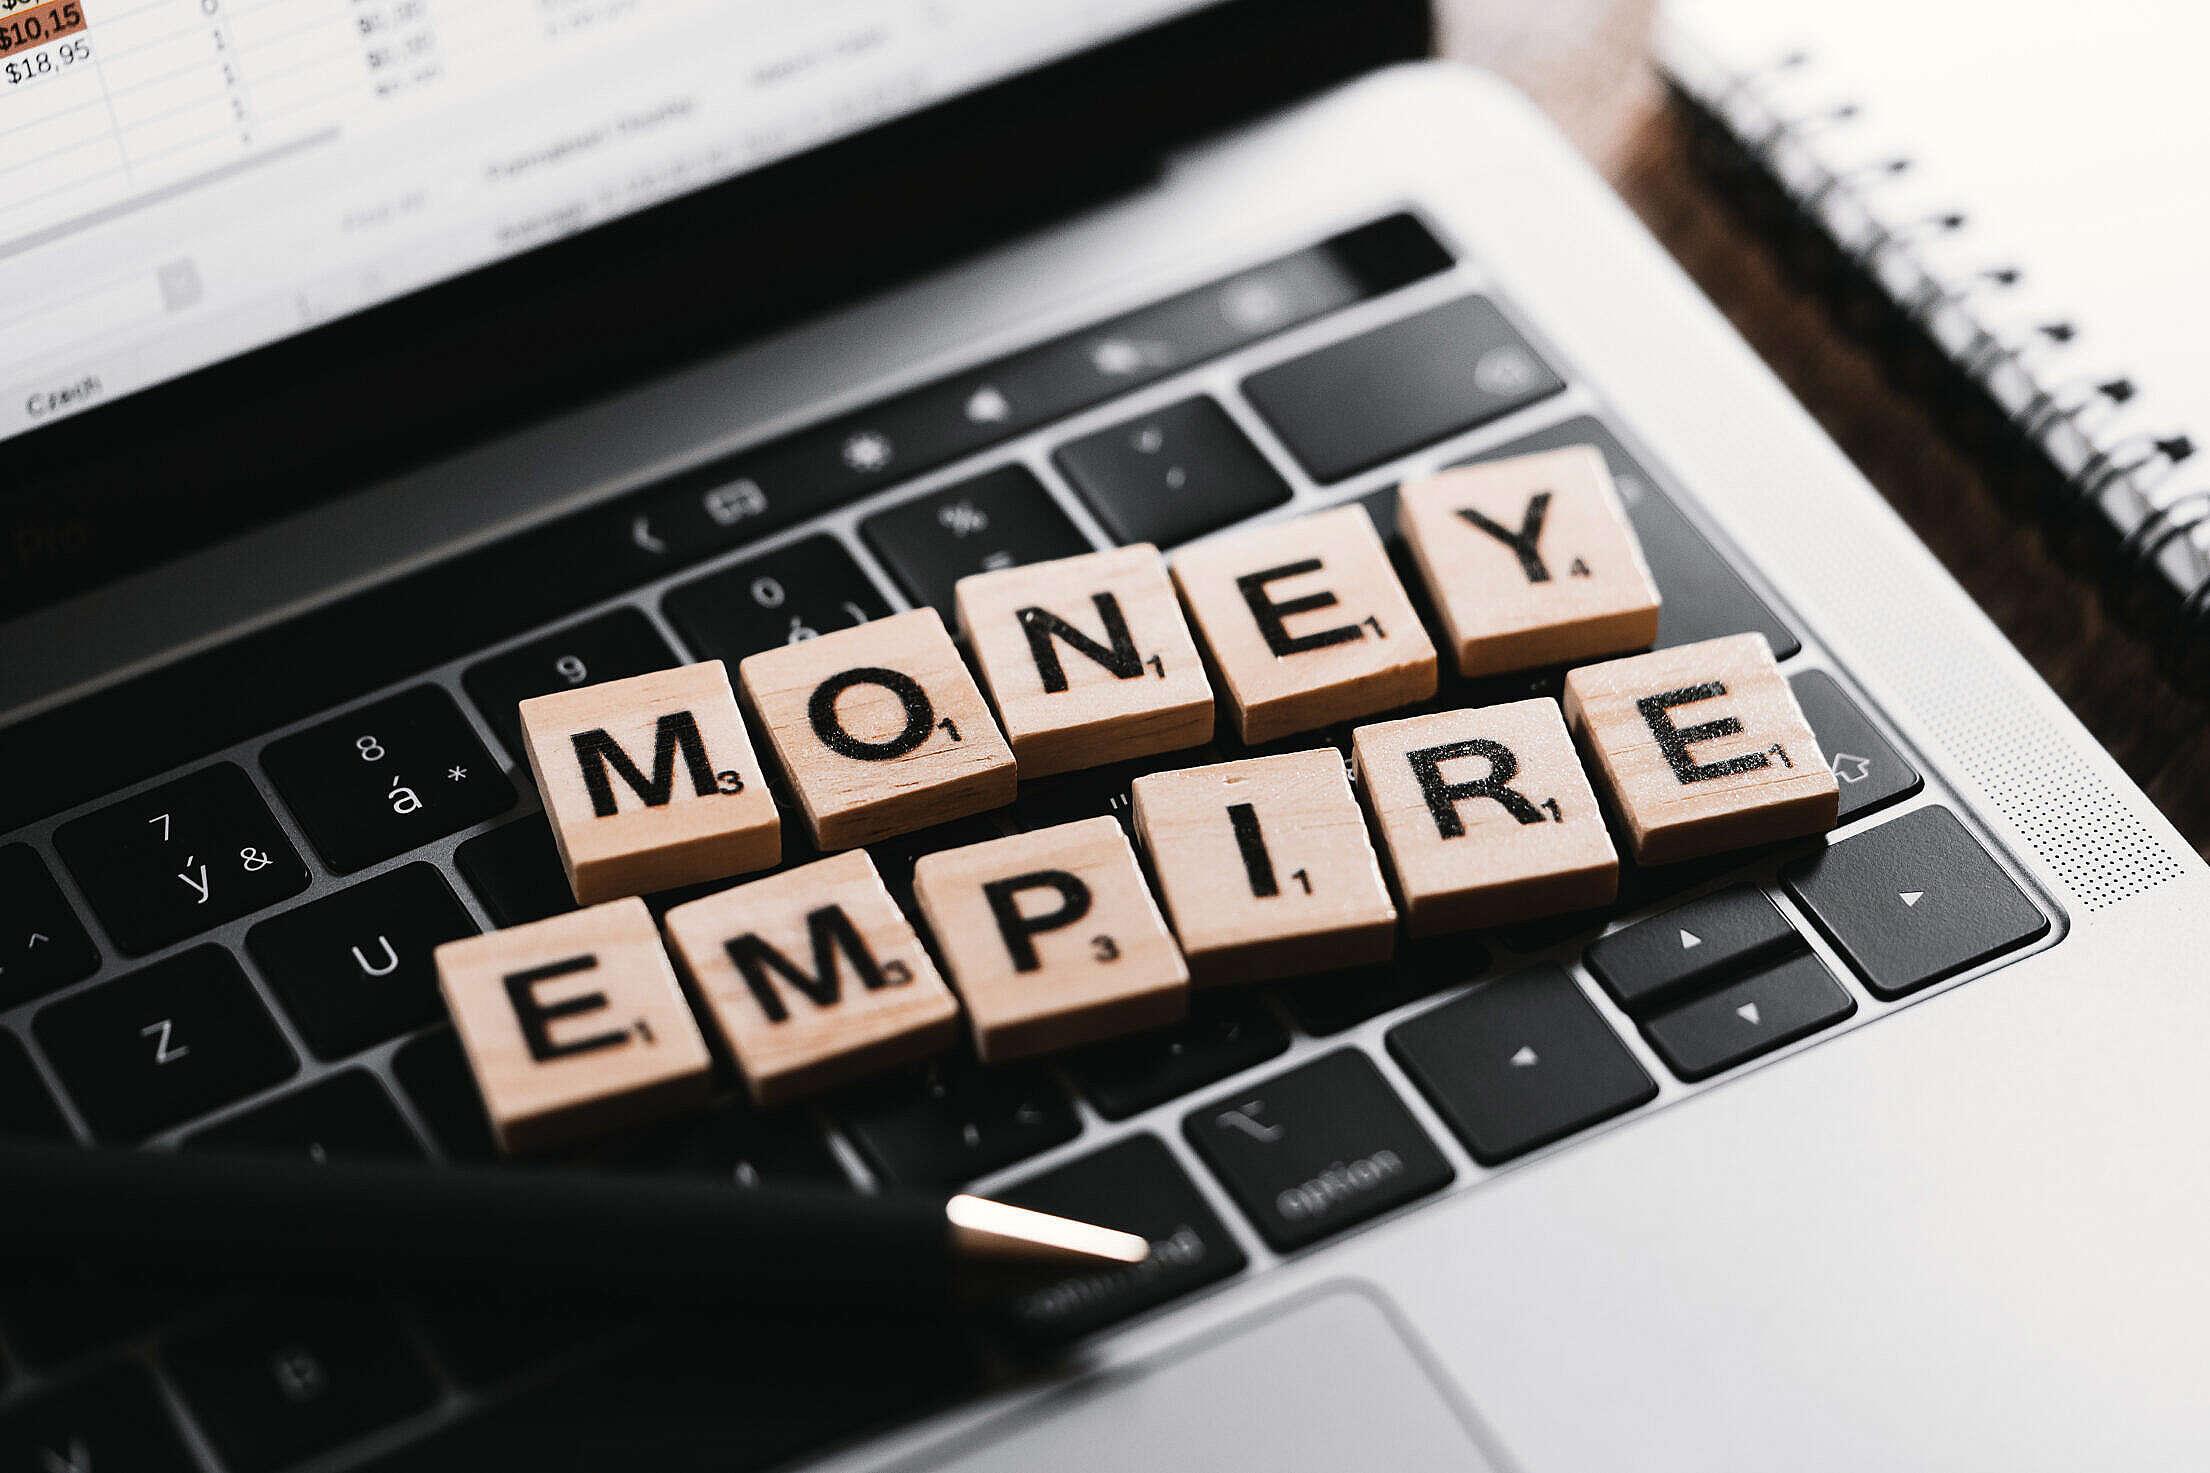 Money Empire Free Stock Photo